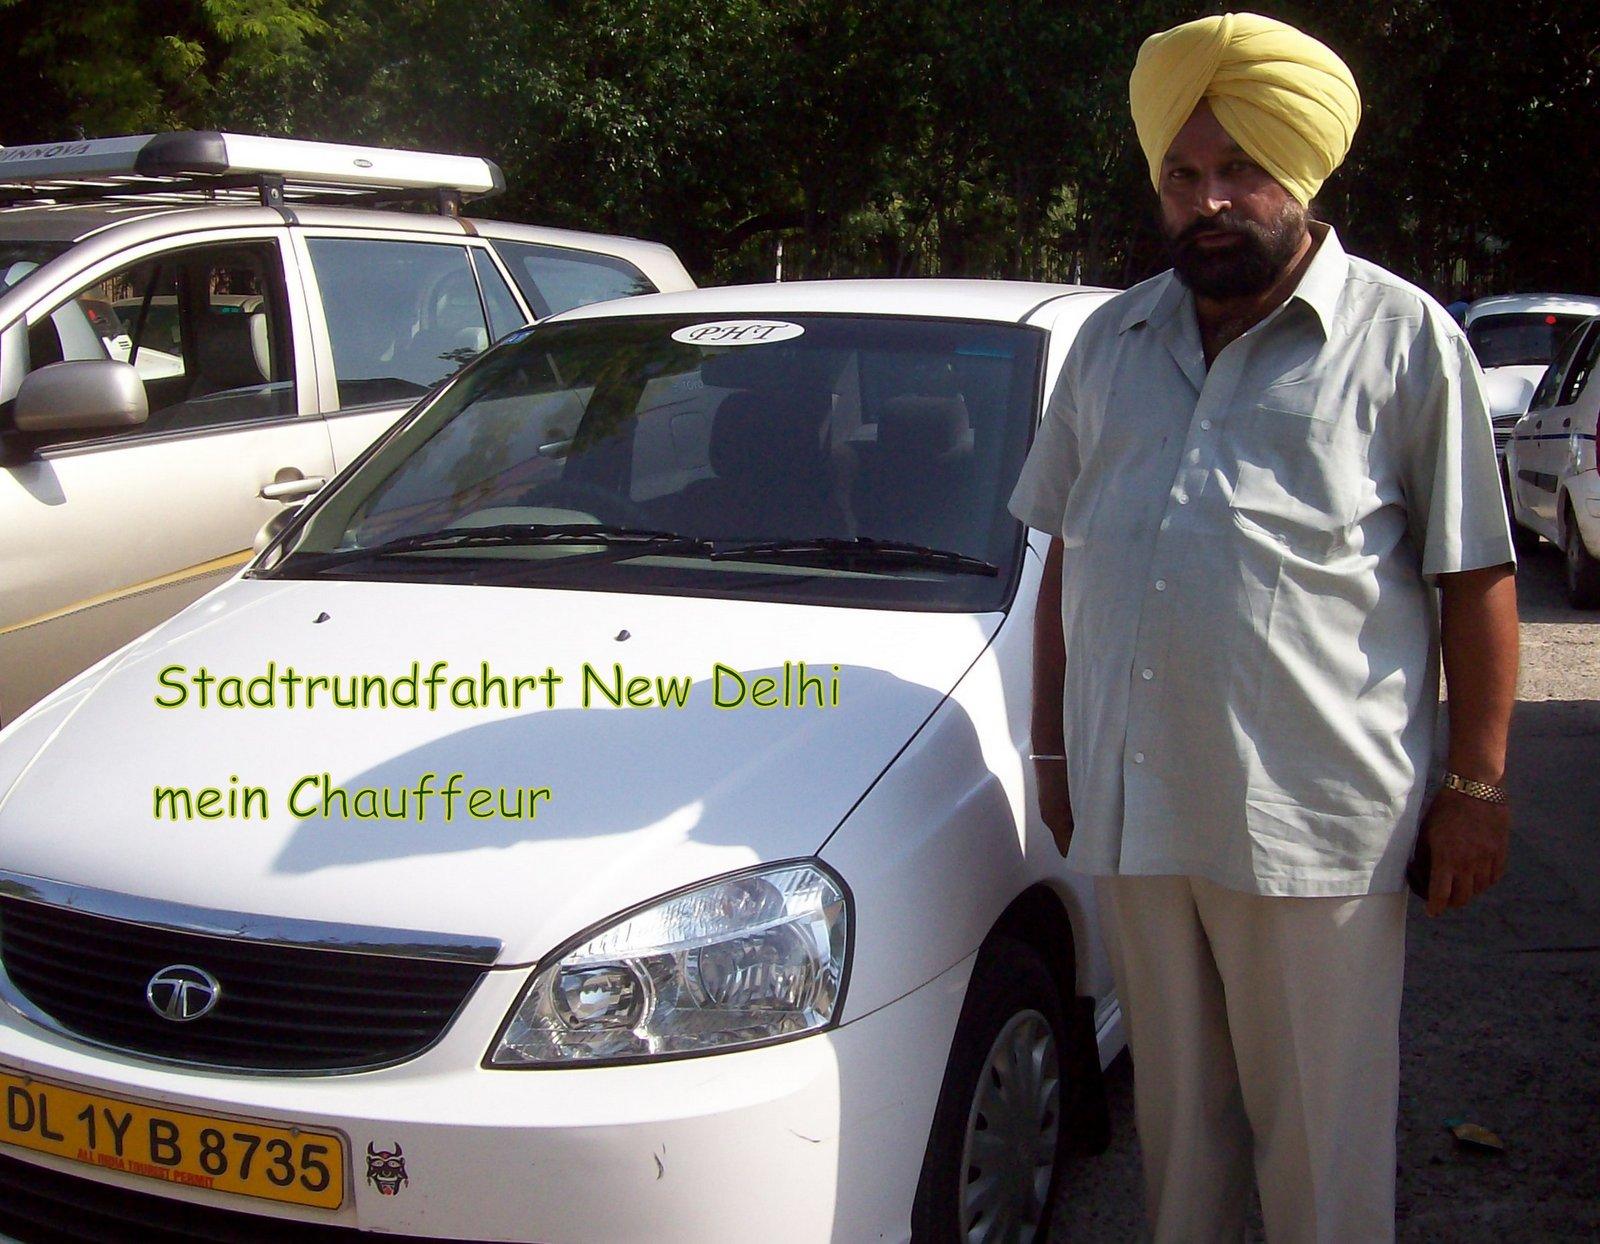 Stadtrundfahrt mit dem Taxi in New Delhi